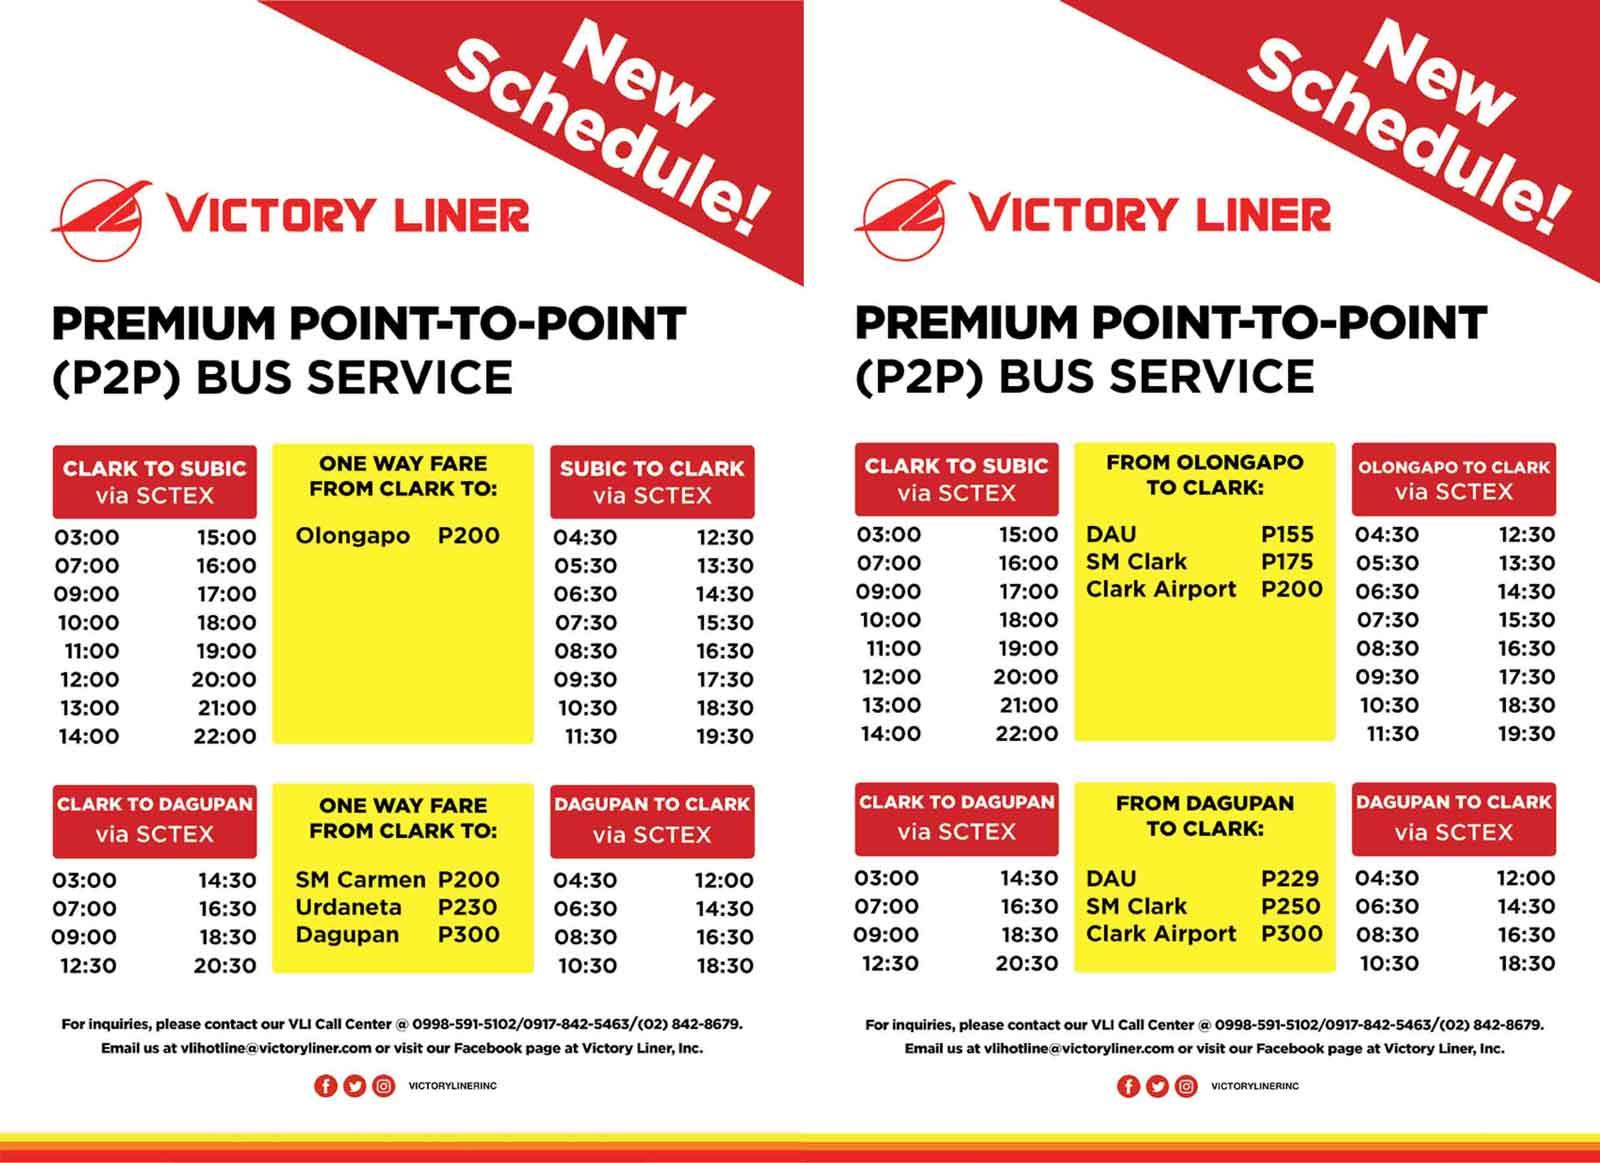 victory liner p2p schedule